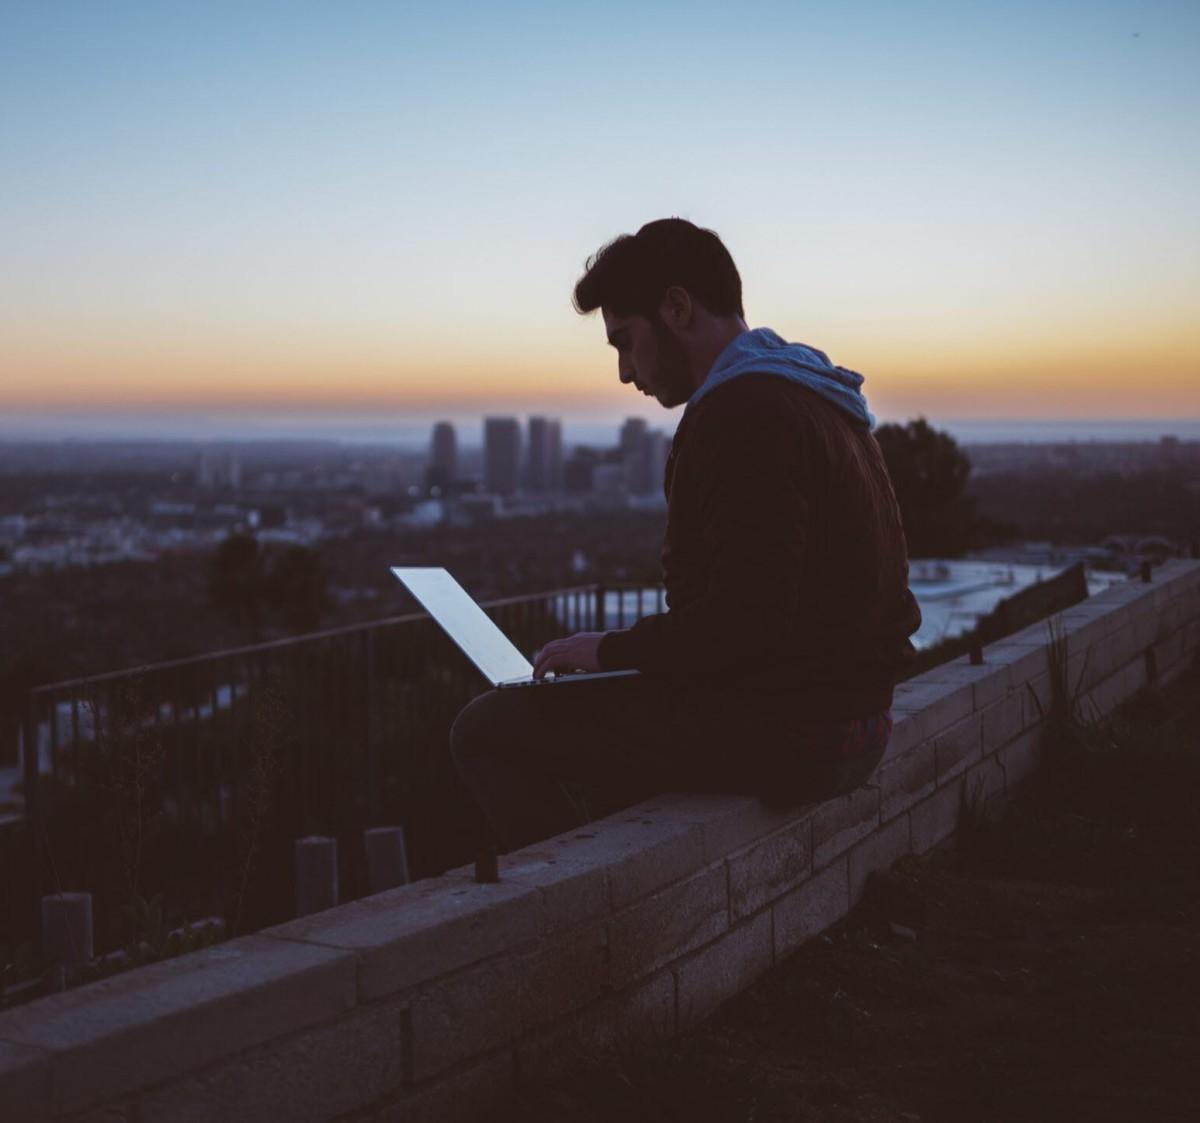 Men Tele2 Företag kan du vara obegränsat flexibel och ta med dig jobbdatorn överallt, som denna unge man som valt att ta med sig sin laptop för att kunna arbeta på en vacker utsiktsplats.